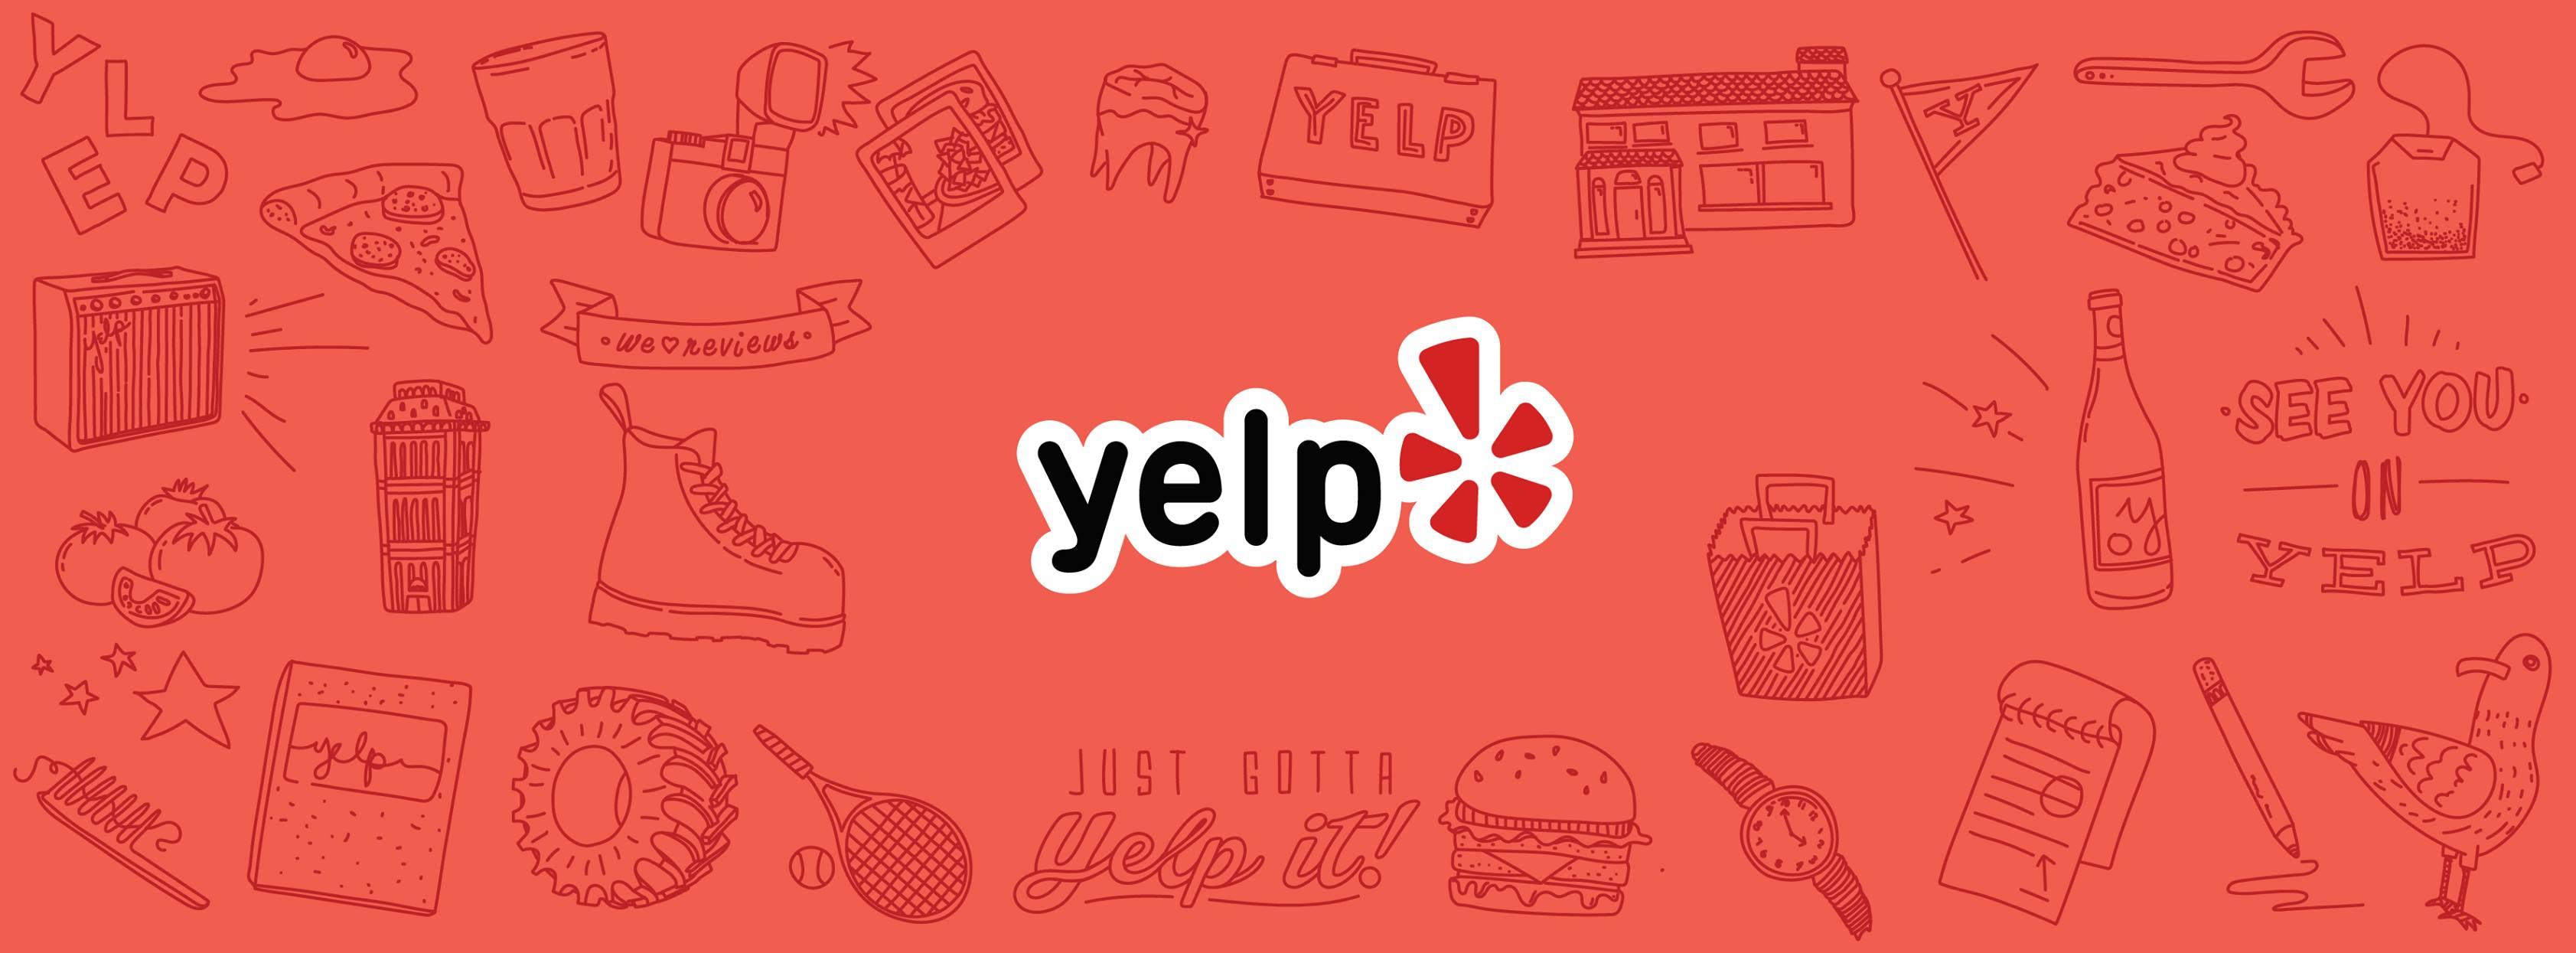 Yelp banner US